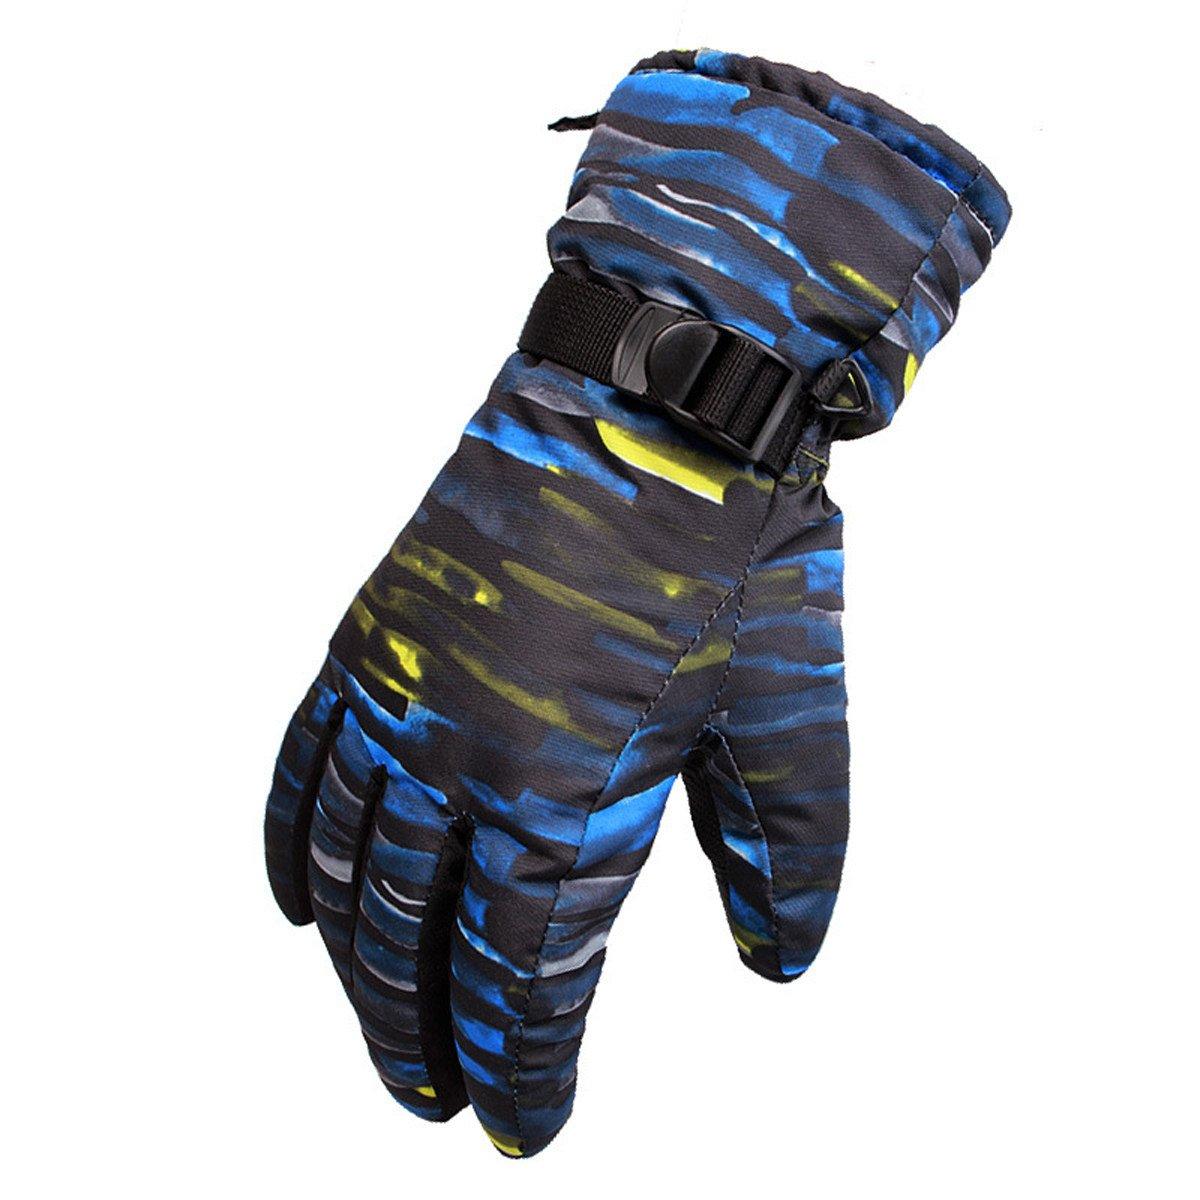 Outdoor Mann Frau Ski Touchscreen Handschuhe Reiten Bergsteigen Sport Warm Samt Paar Handschuhe,Blau-XL